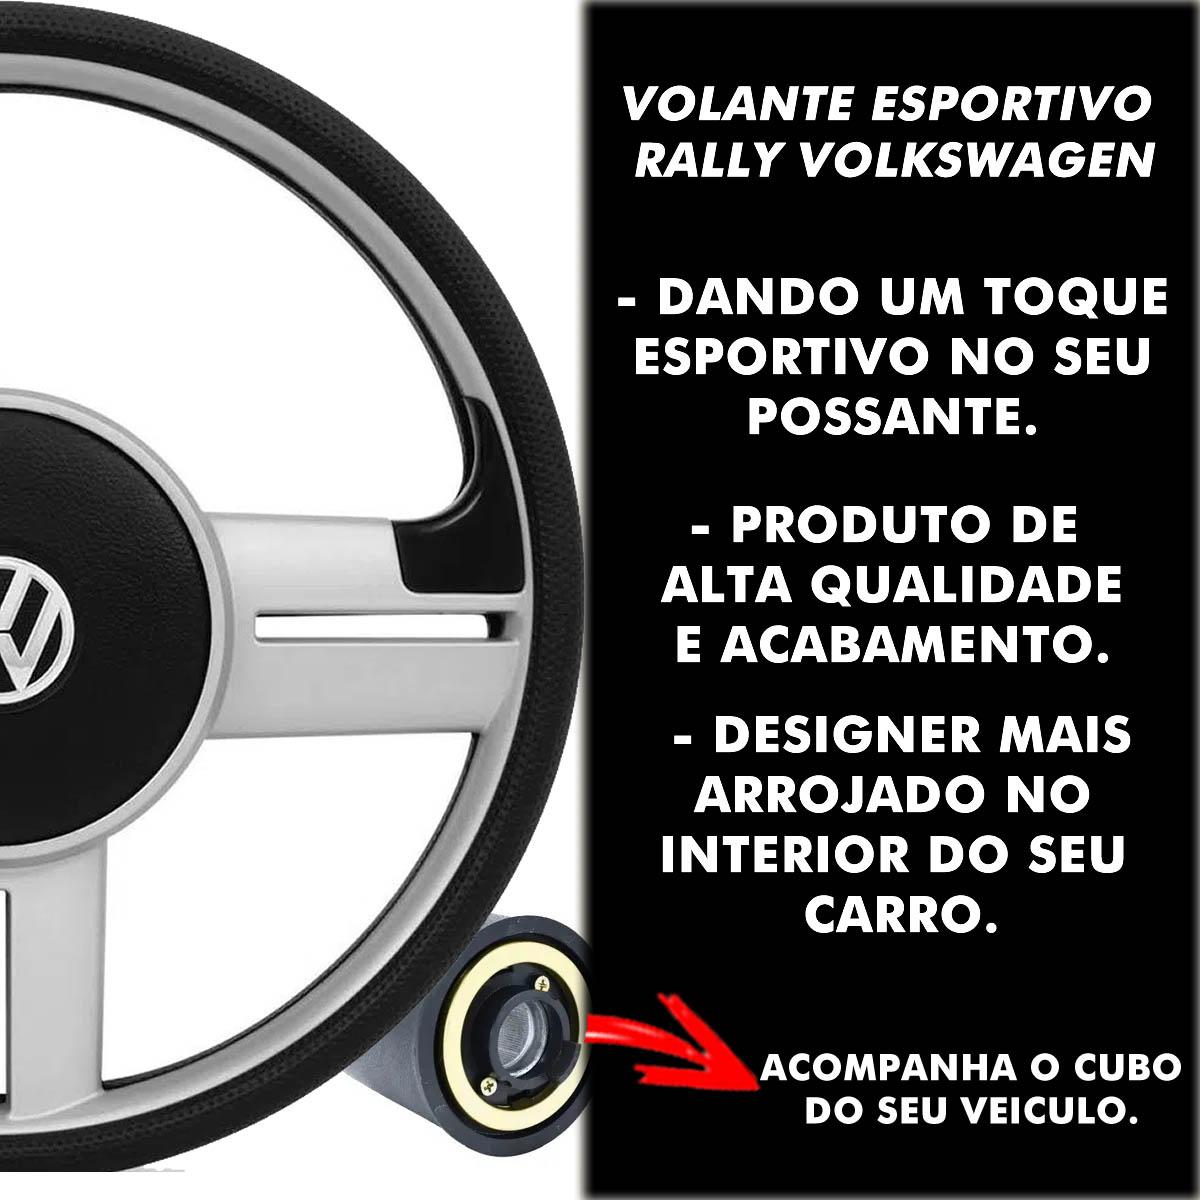 Volante Volkswagen Surf Rallye Esportivo Cubo Fox Bora Polo 1999 a 2013 Voyage Santana 1976 a 2013 Poliparts